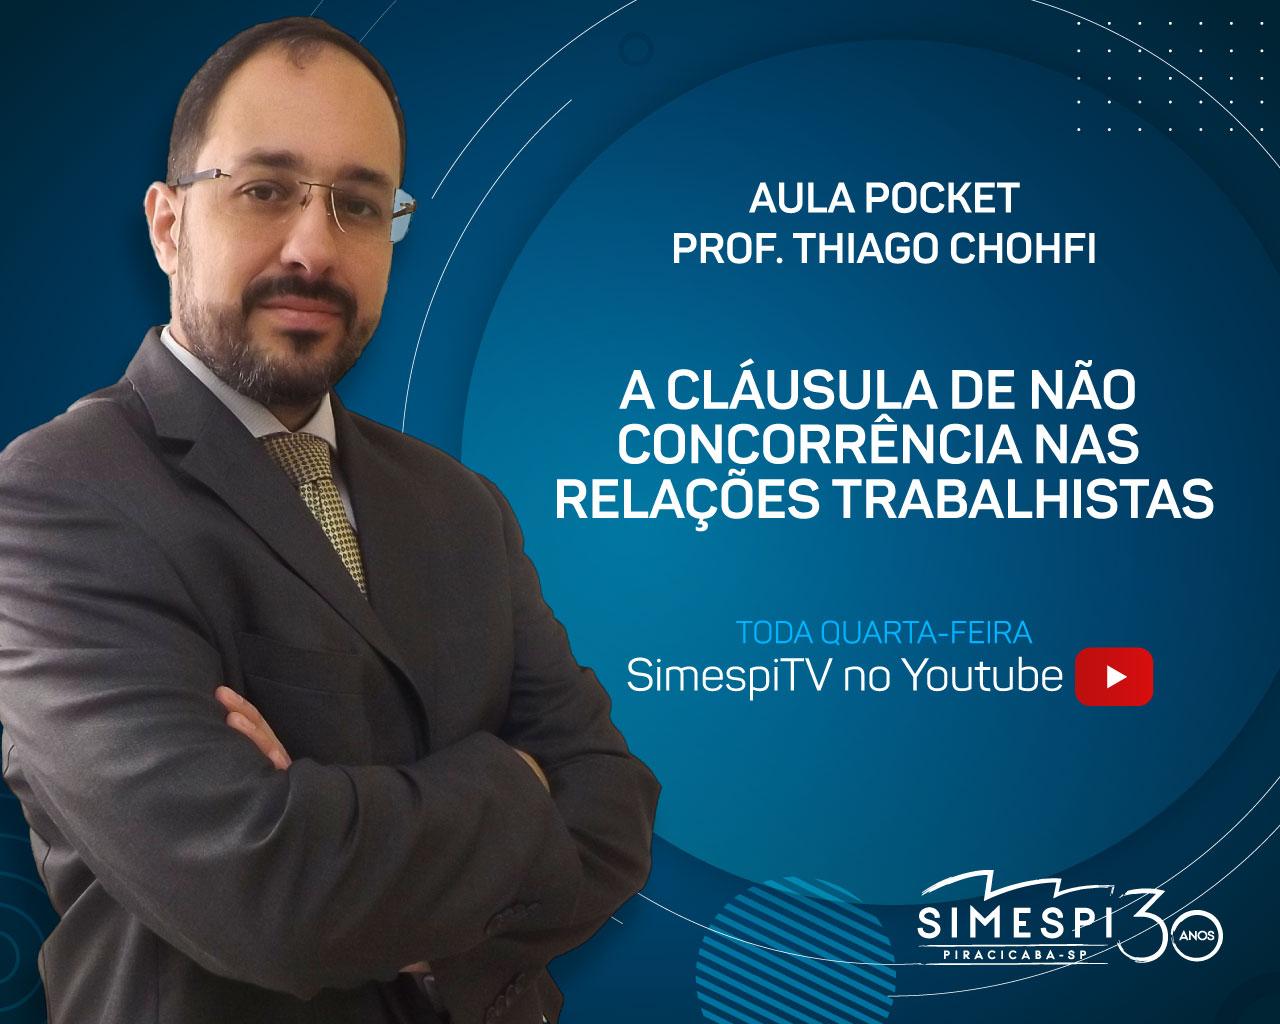 Simespi e Chohfi Lopes Advogados apresentam: A cláusula de não concorrência nas relações trabalhistas